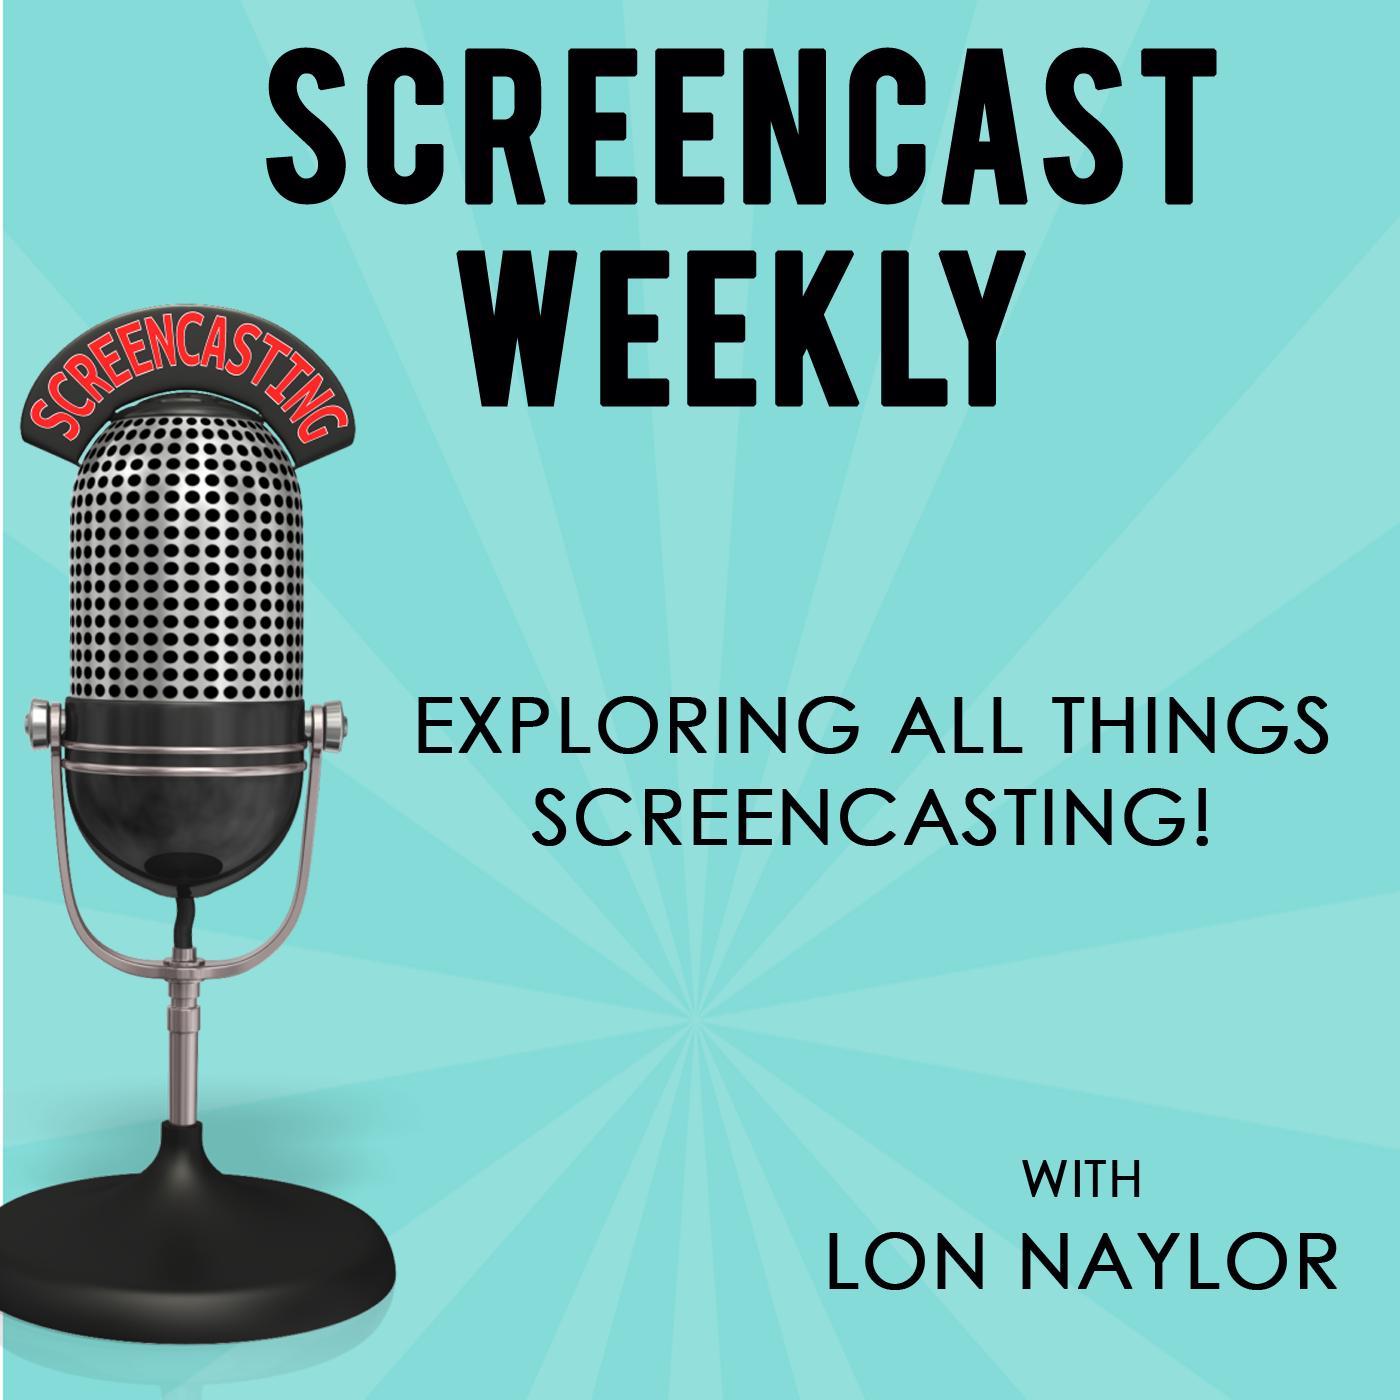 Screencast Weekly